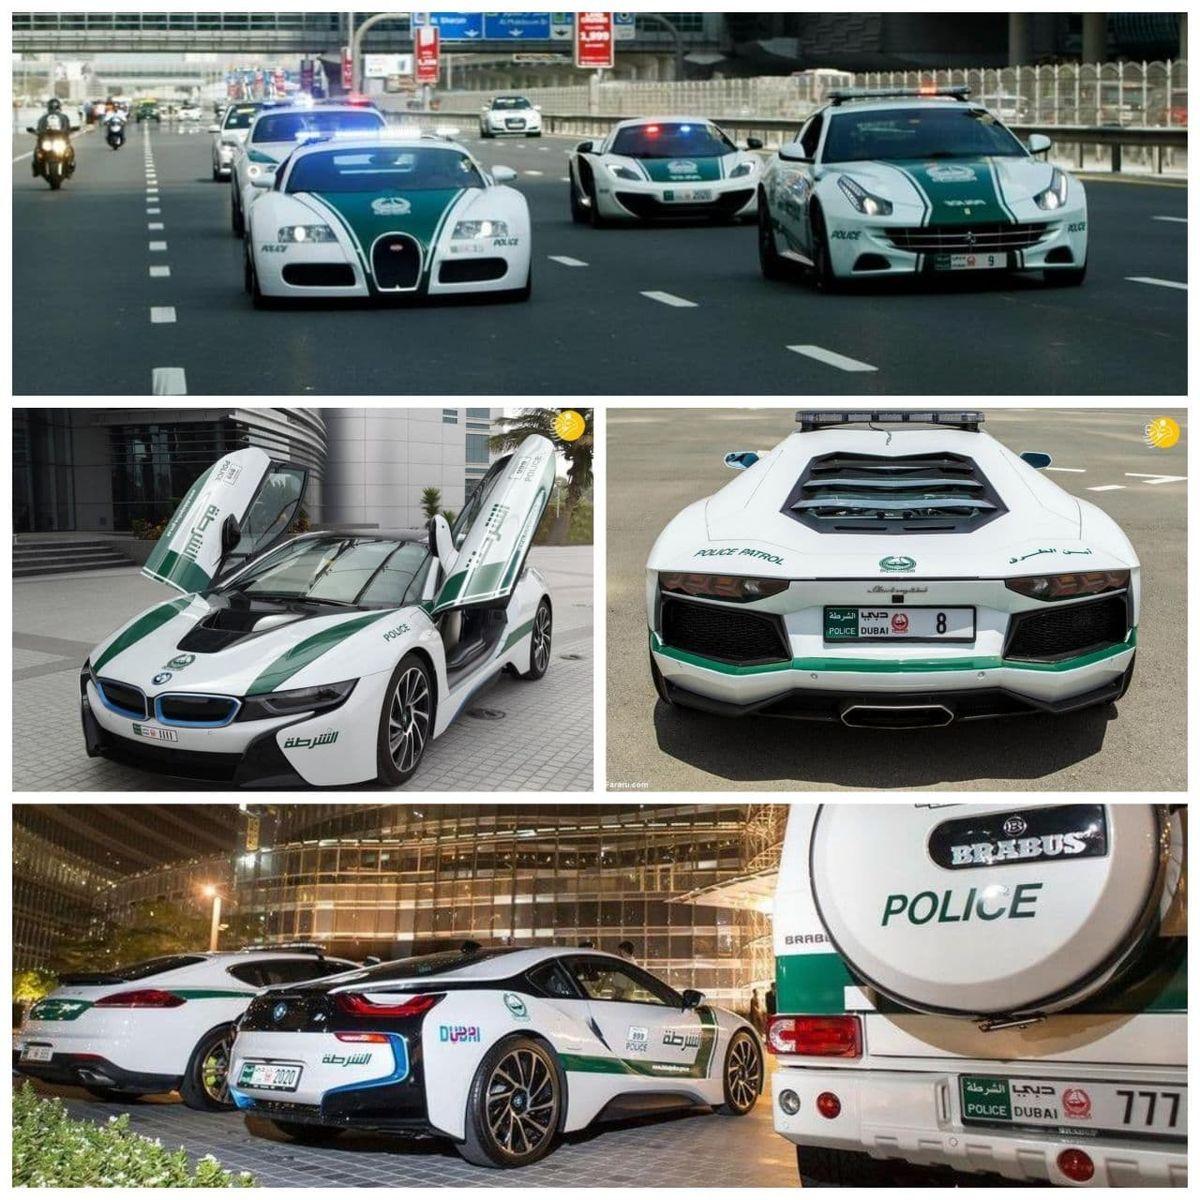 ابرخودروهای خیره کننده پلیس دبی +عکس